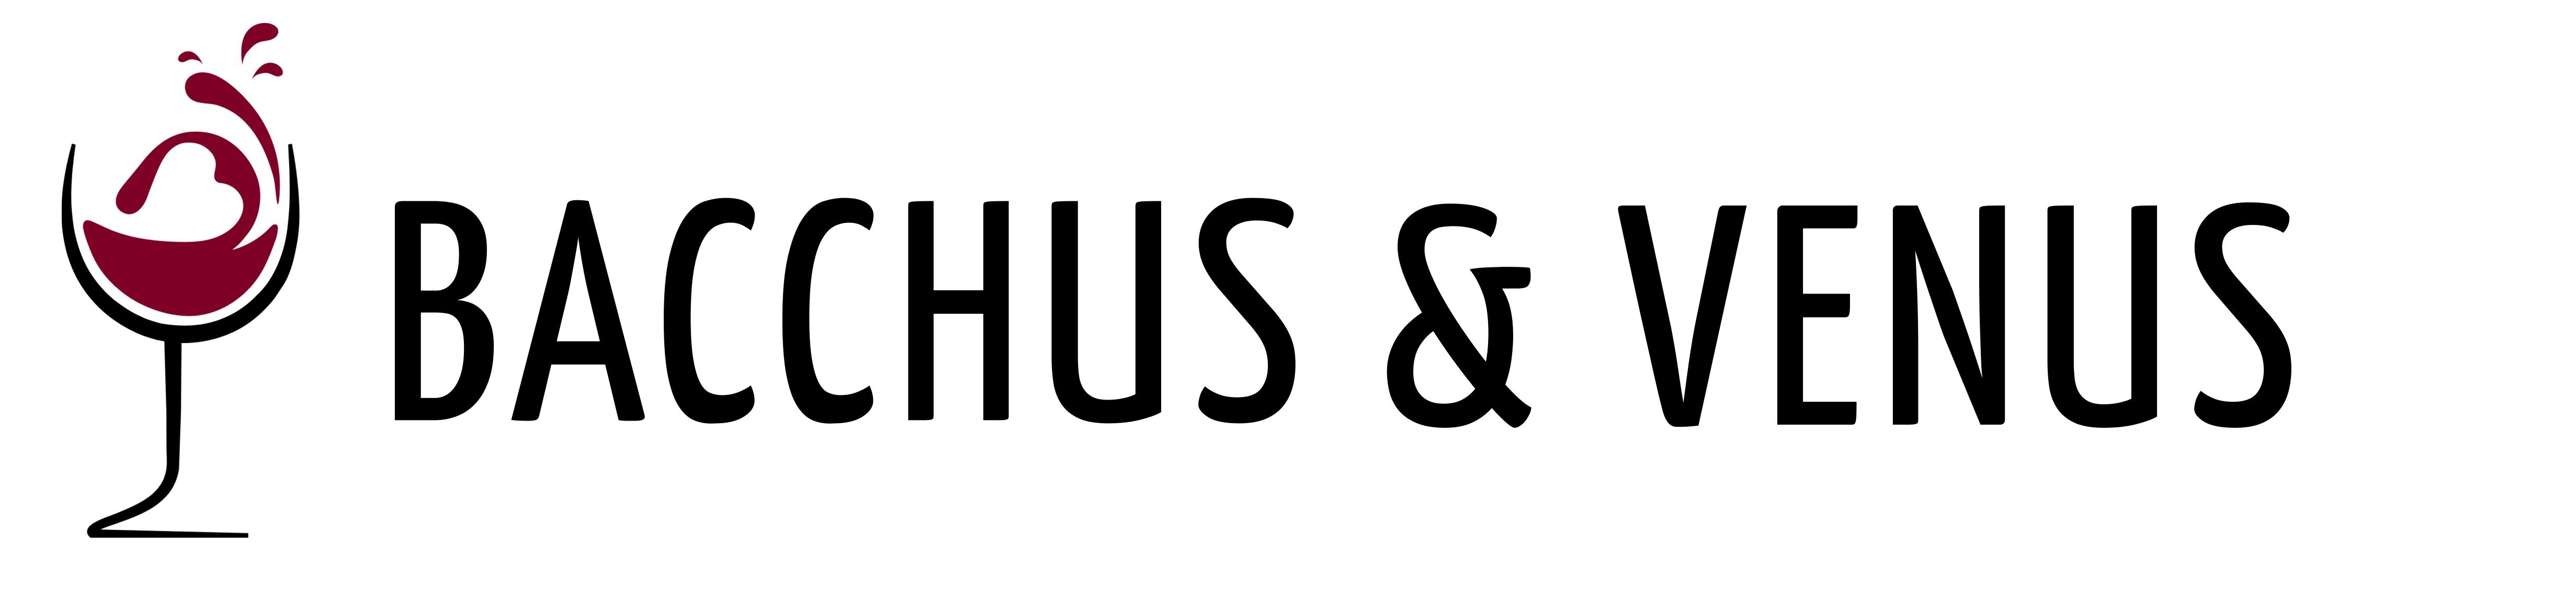 Bacchus & Venus Wines